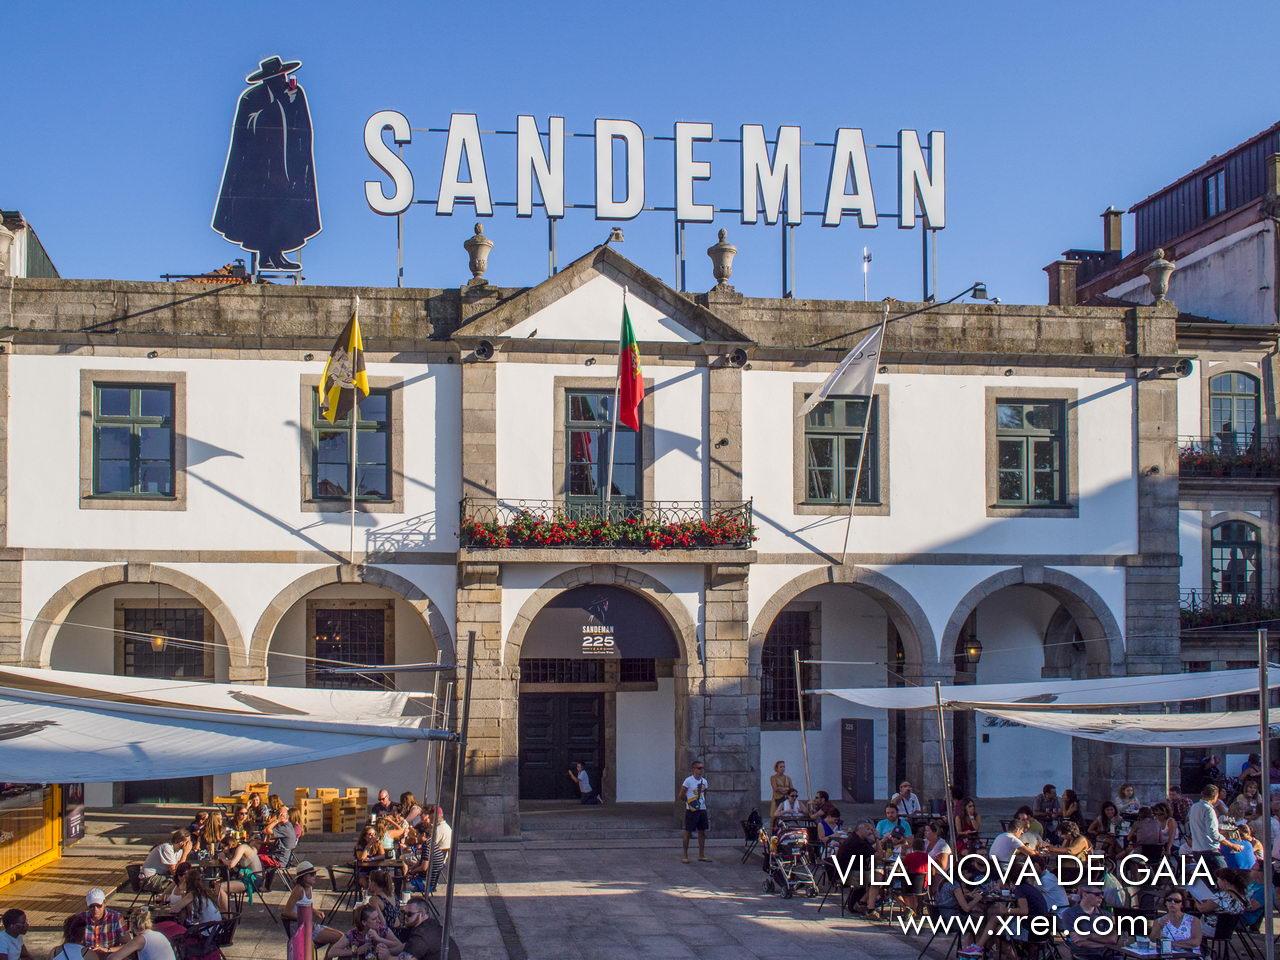 Sandeman Cellars, creada en 1790 por el escocés George Sandeman, fue la primera empresa productora de vino de Oporto en registrar el primer barril en 1805